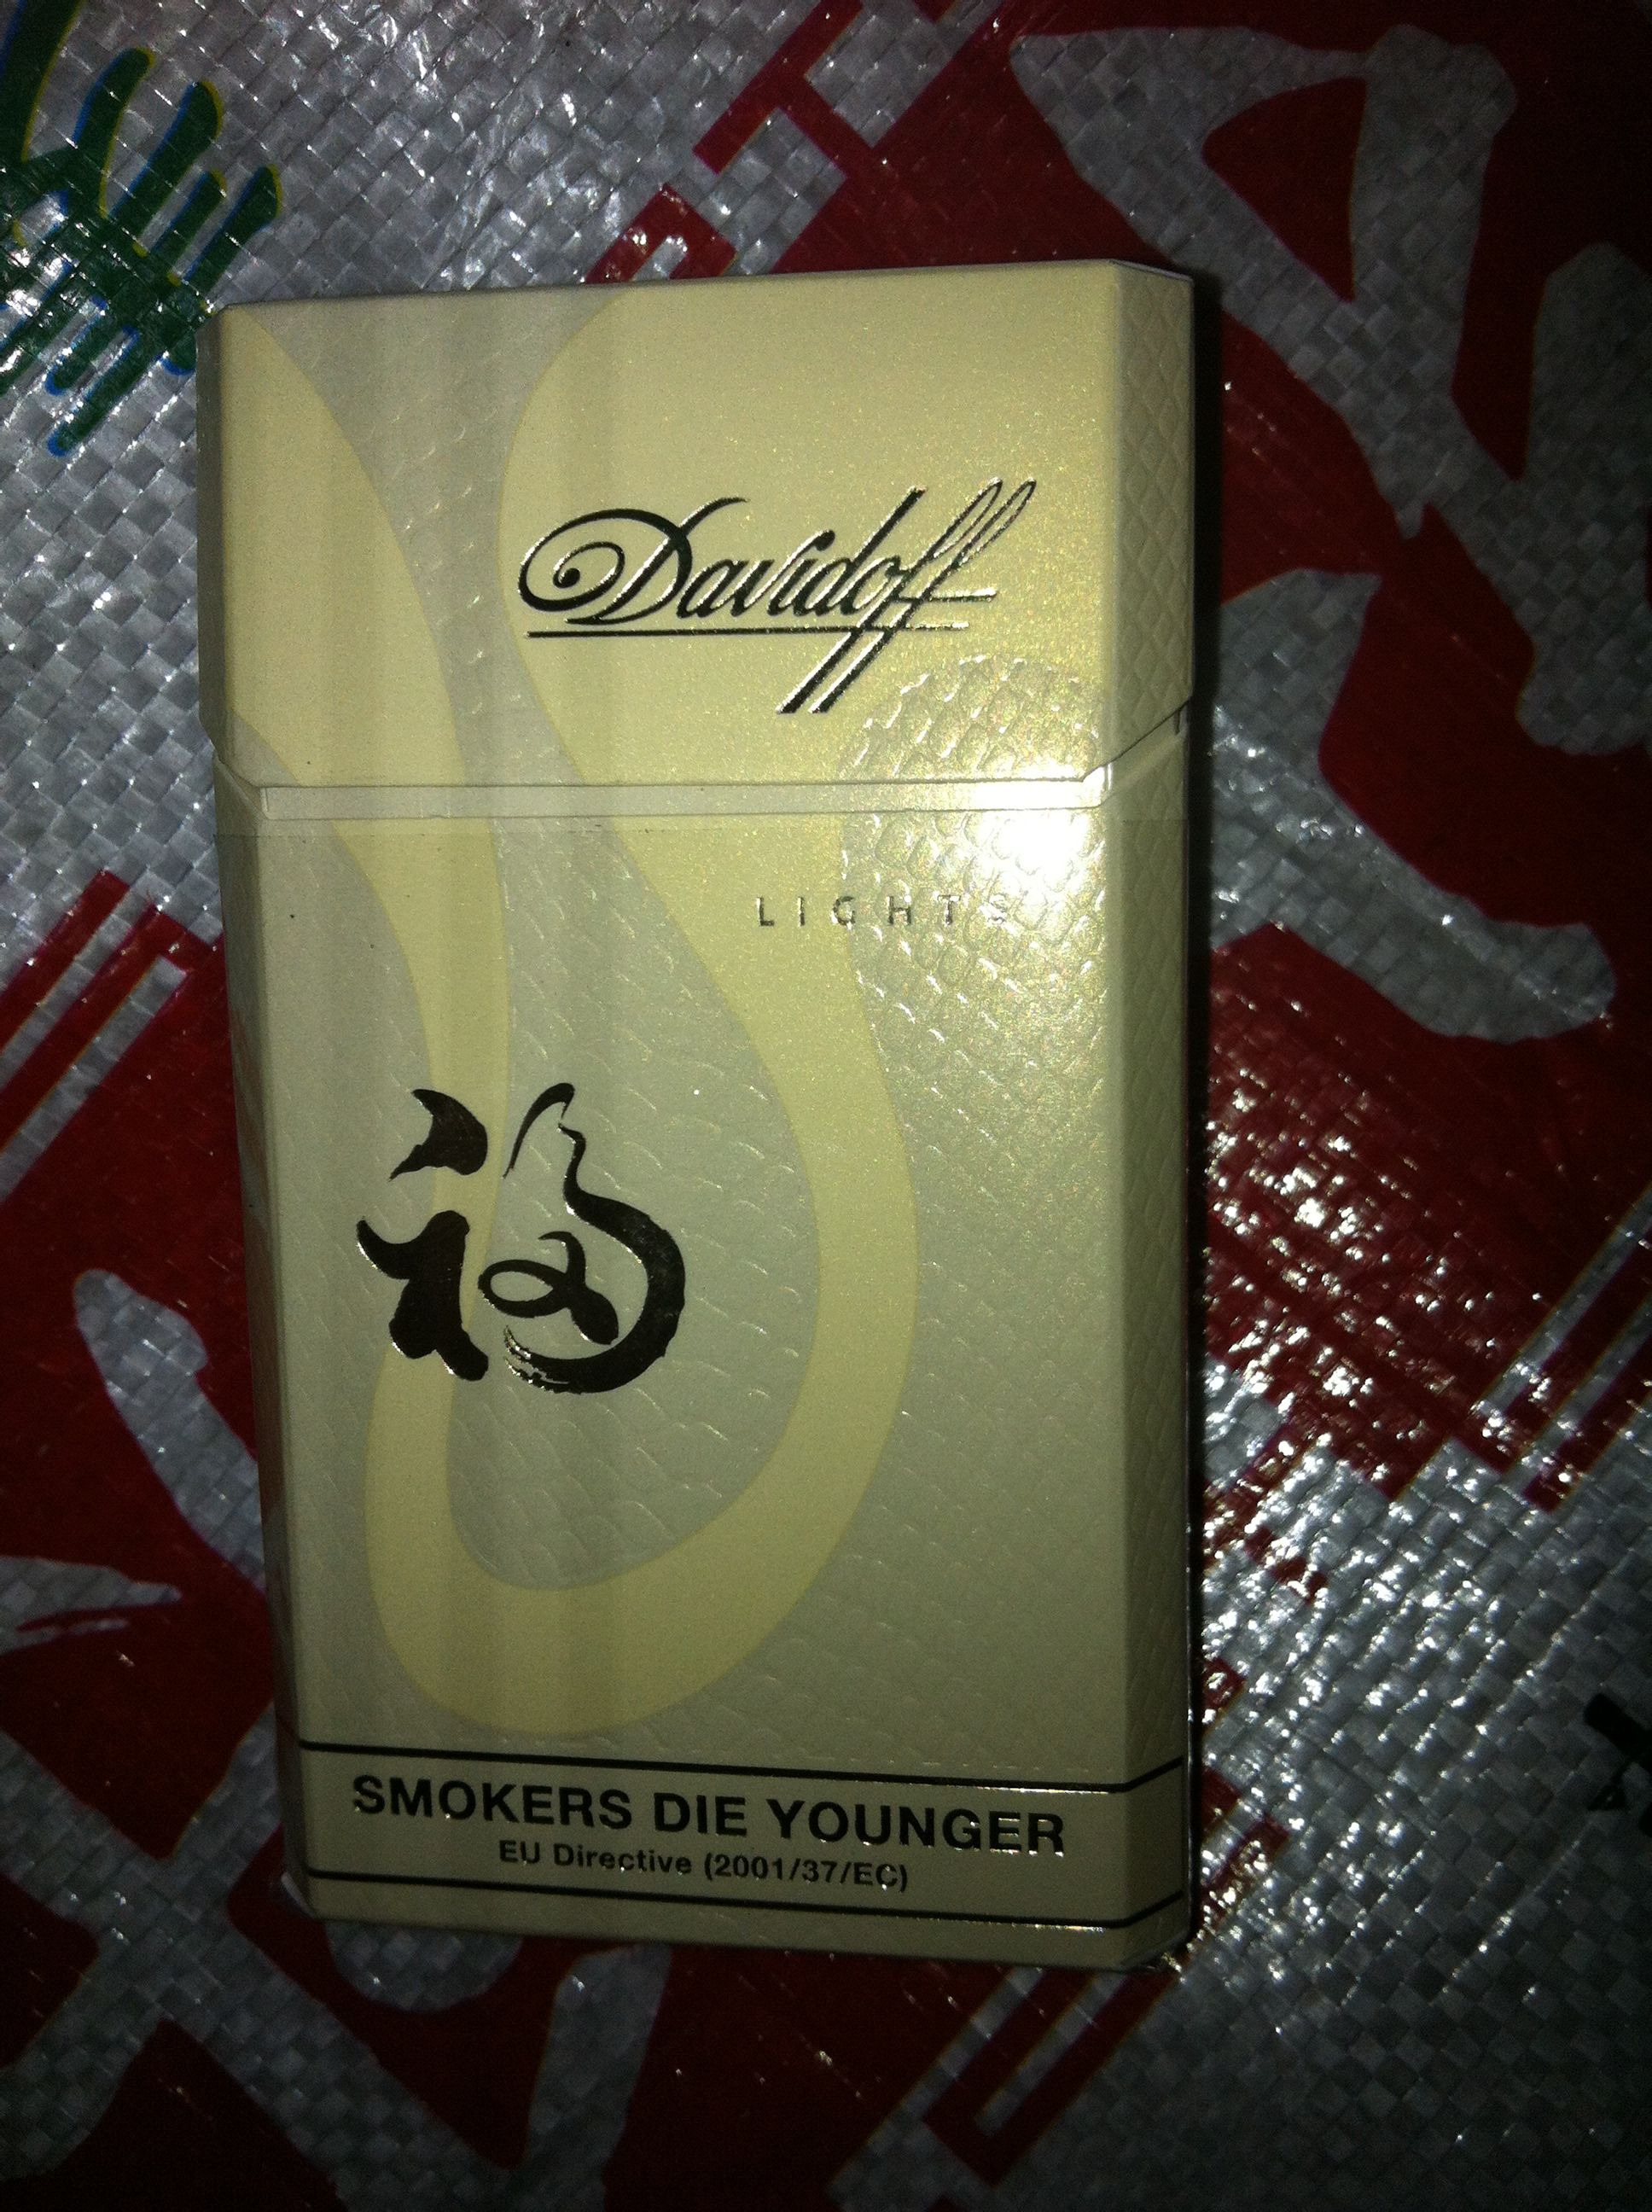 davidoff(大卫杜夫)香烟   硬黄鹤楼1916香烟价格表和图片 高清图片